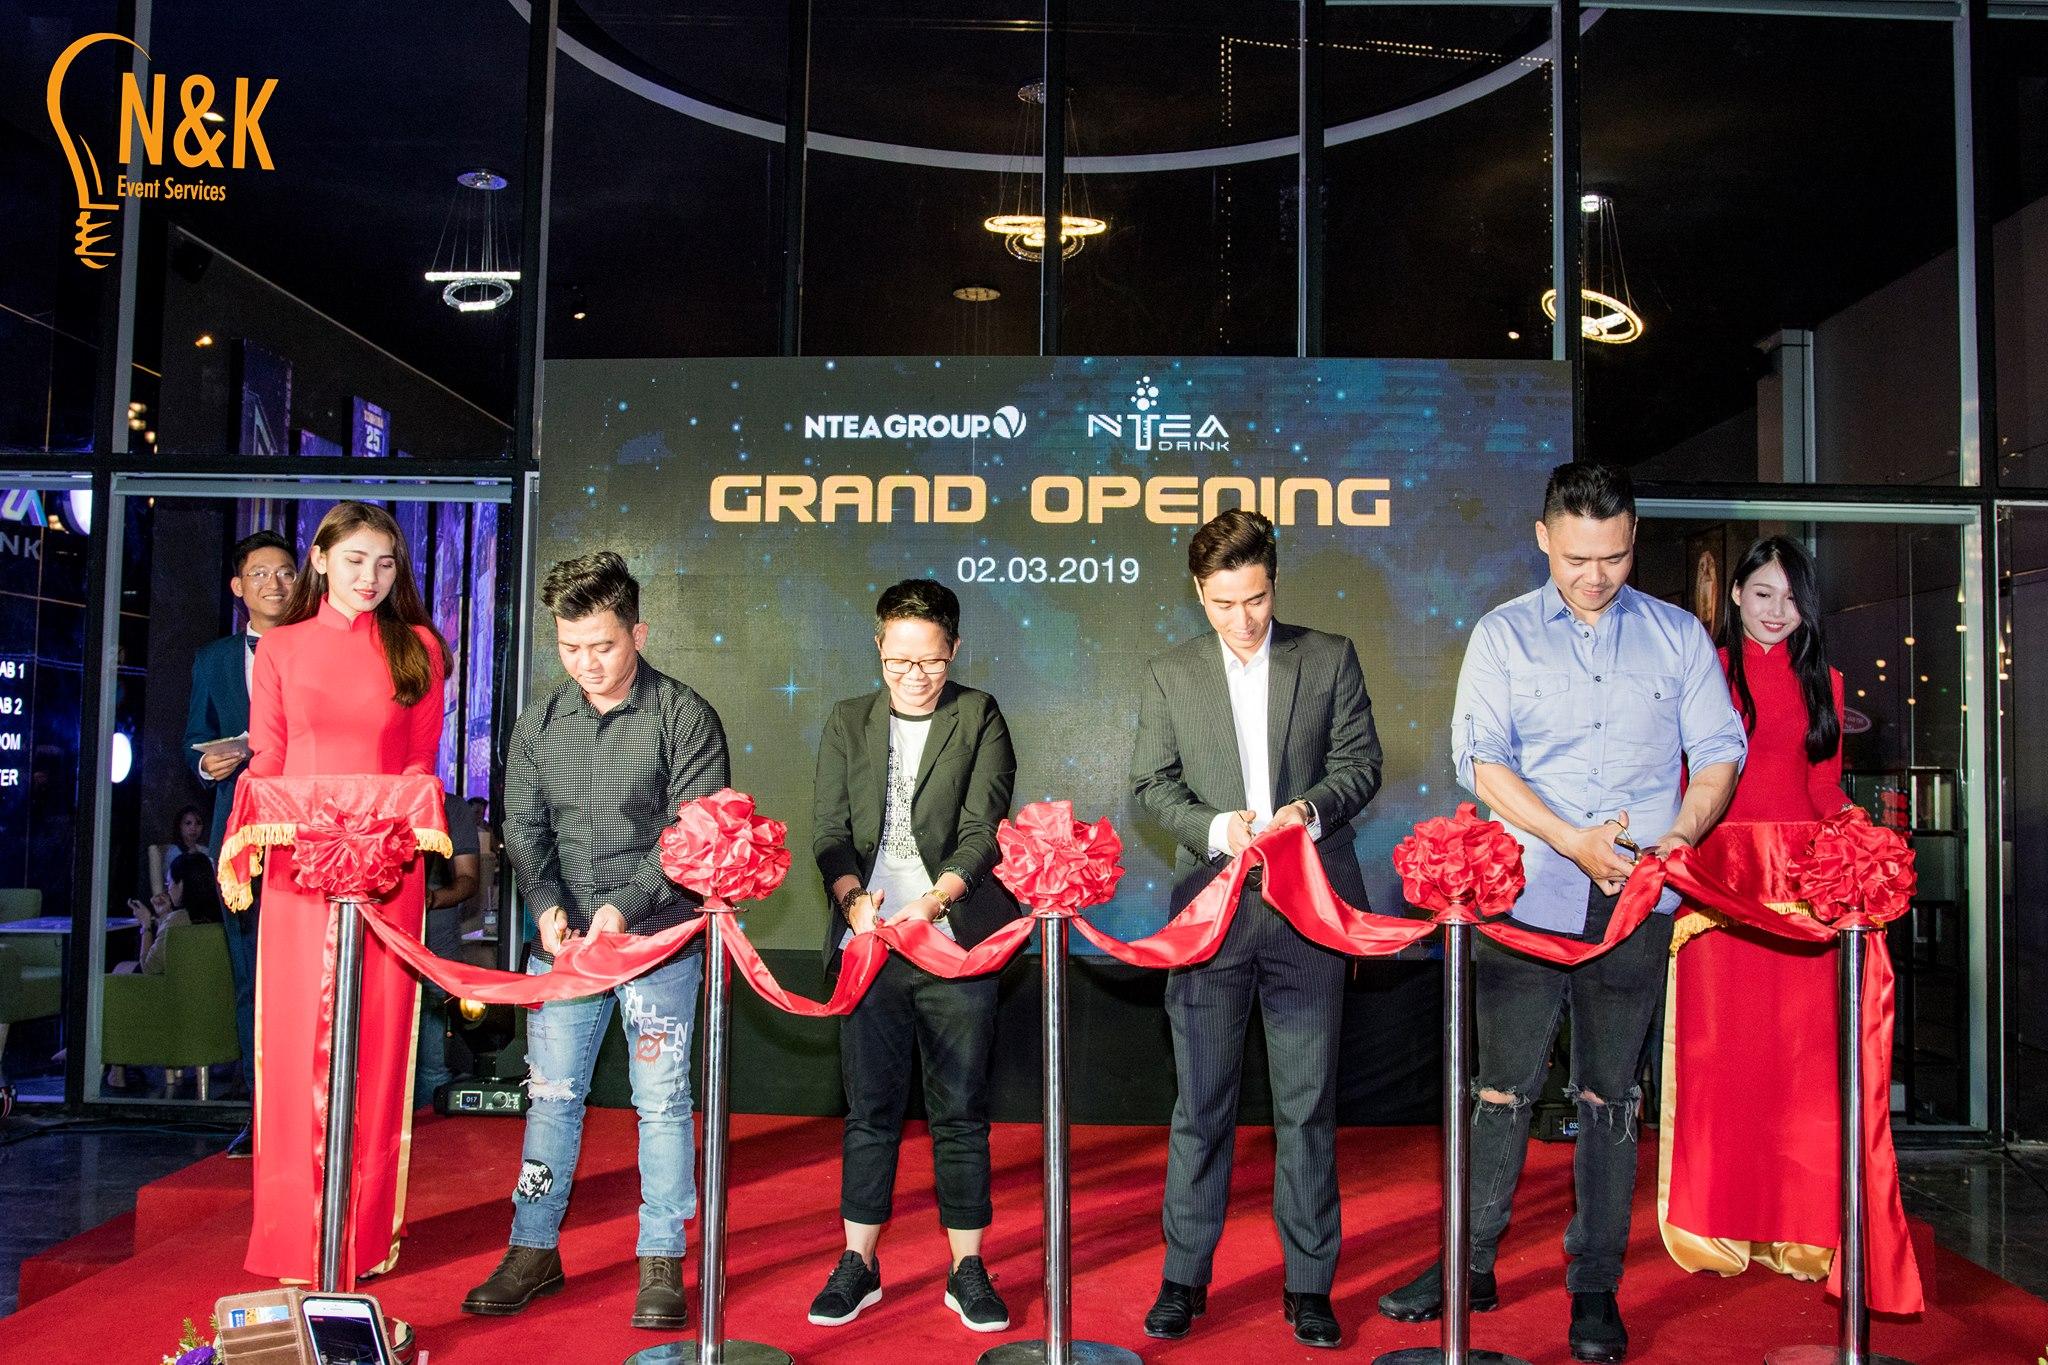 Ntea Drink Grand Opening